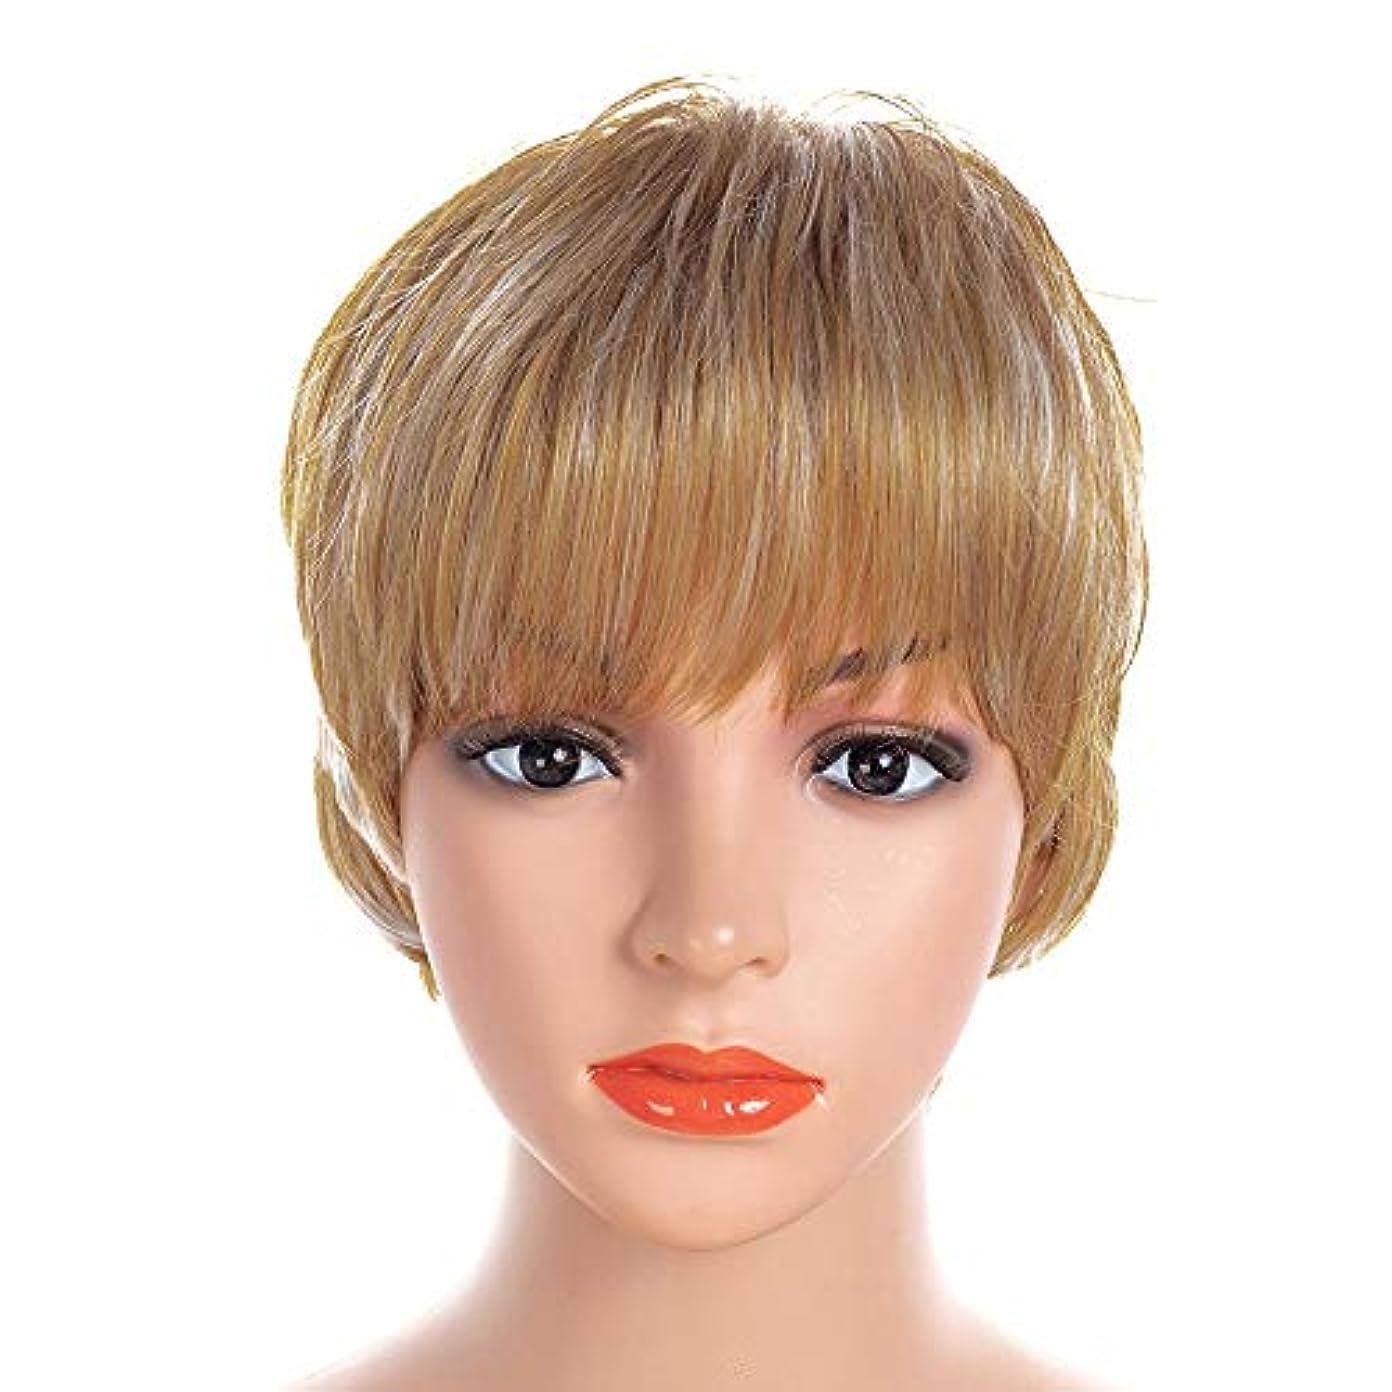 喪偶然デイジーYOUQIU 上品なボブスタイルCospalyパーティーヘアウィッグかつらでレディースショートカーリーブロンドのかつら (色 : Blonde, サイズ : 30cm)